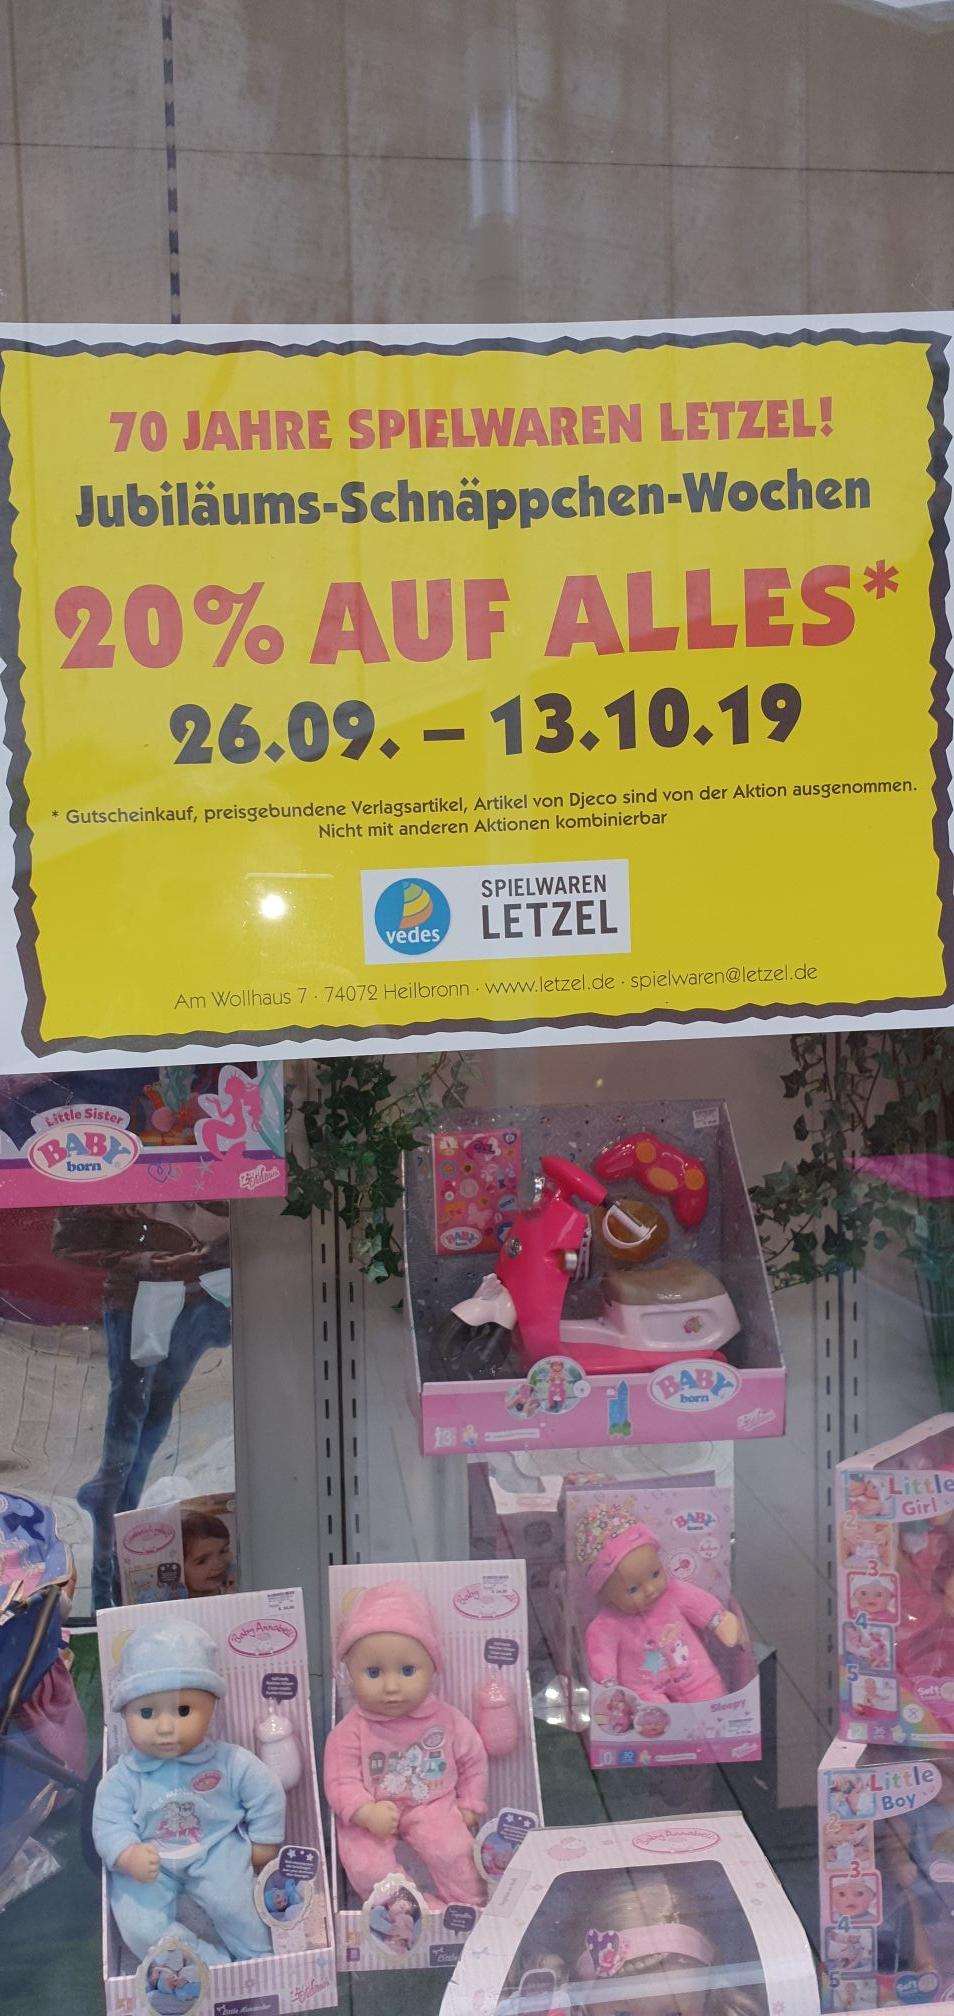 Letzel in Heilbronn, 20 % auf fast alles